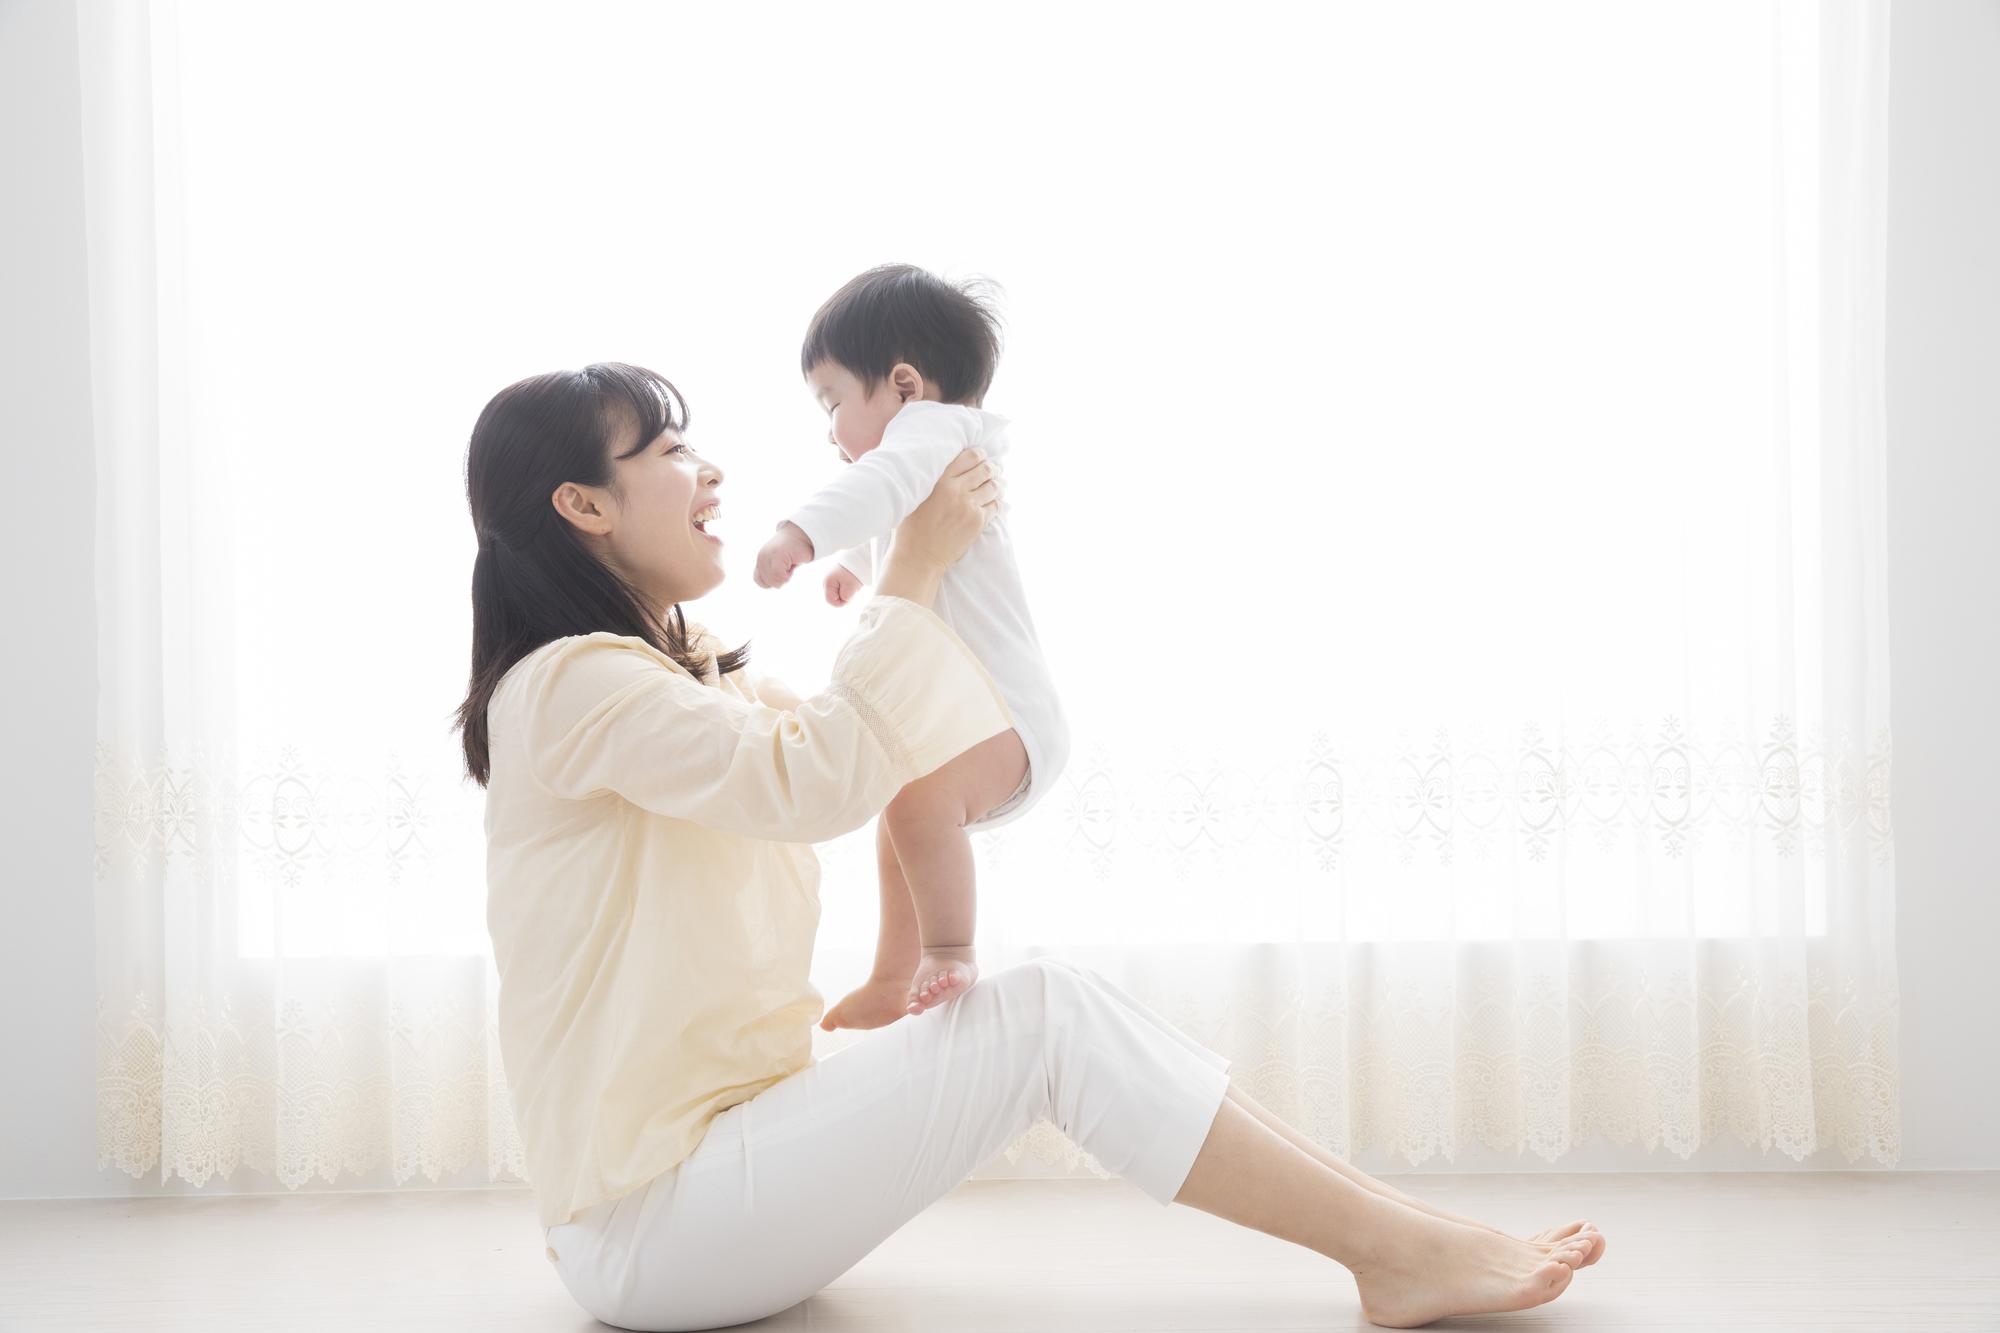 幸せなママと赤ちゃんのイメージ